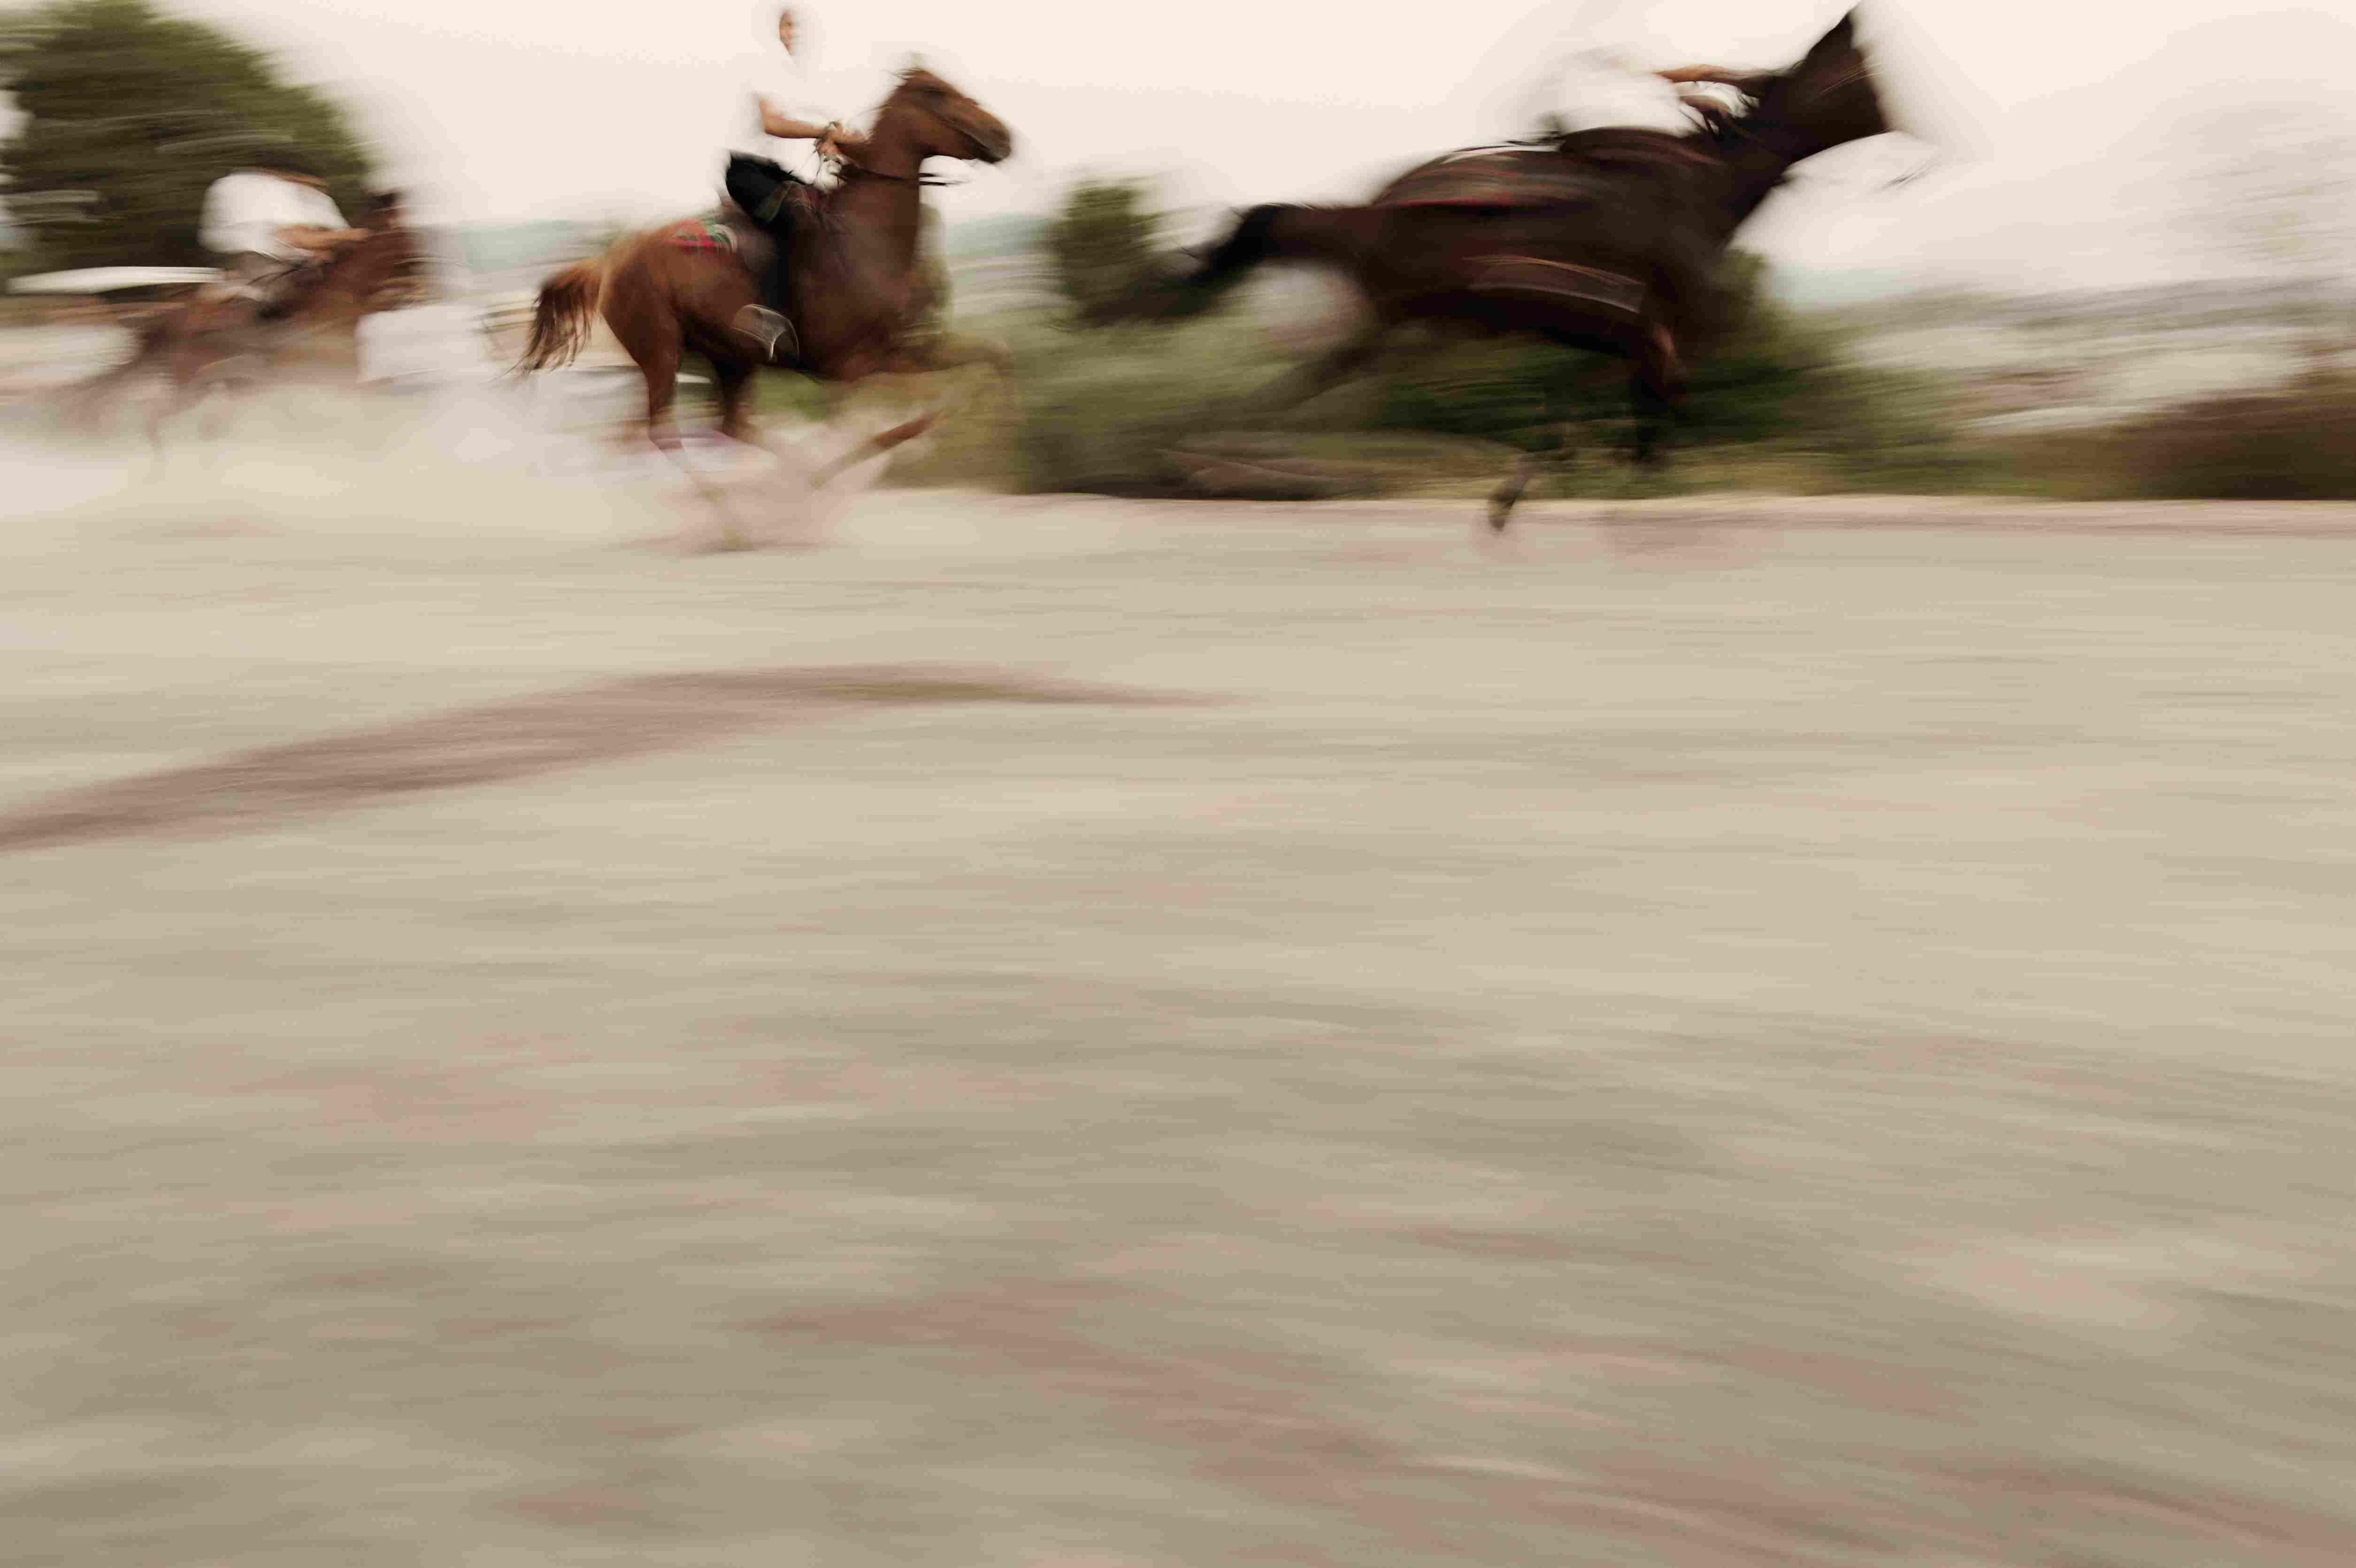 Movimiento borroso de personas que montan caballos en la carretera, Sedilo, Cerdeña, Italia